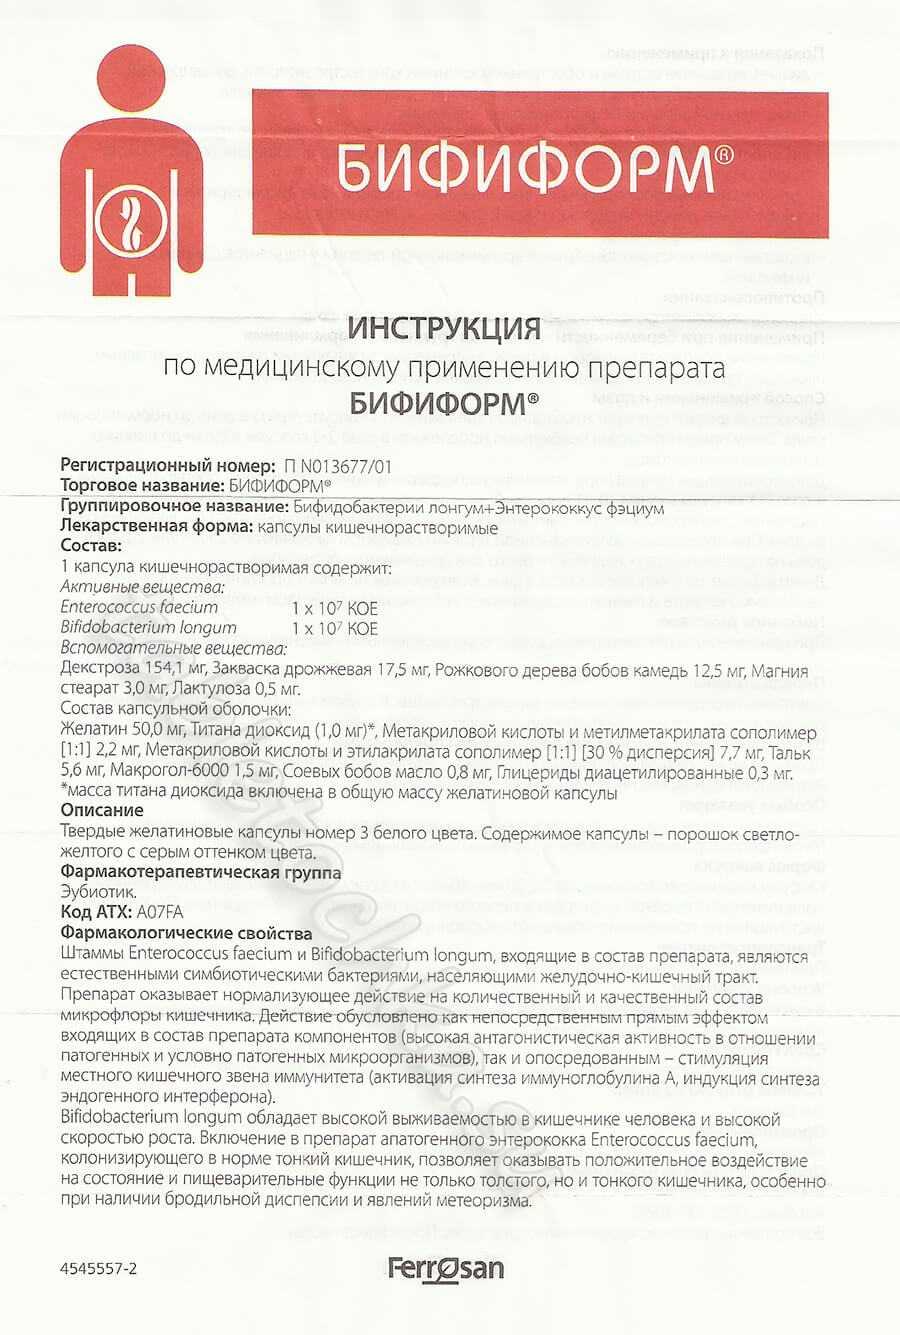 Бифиформ бэби - 16 отзывов, инструкция по применению